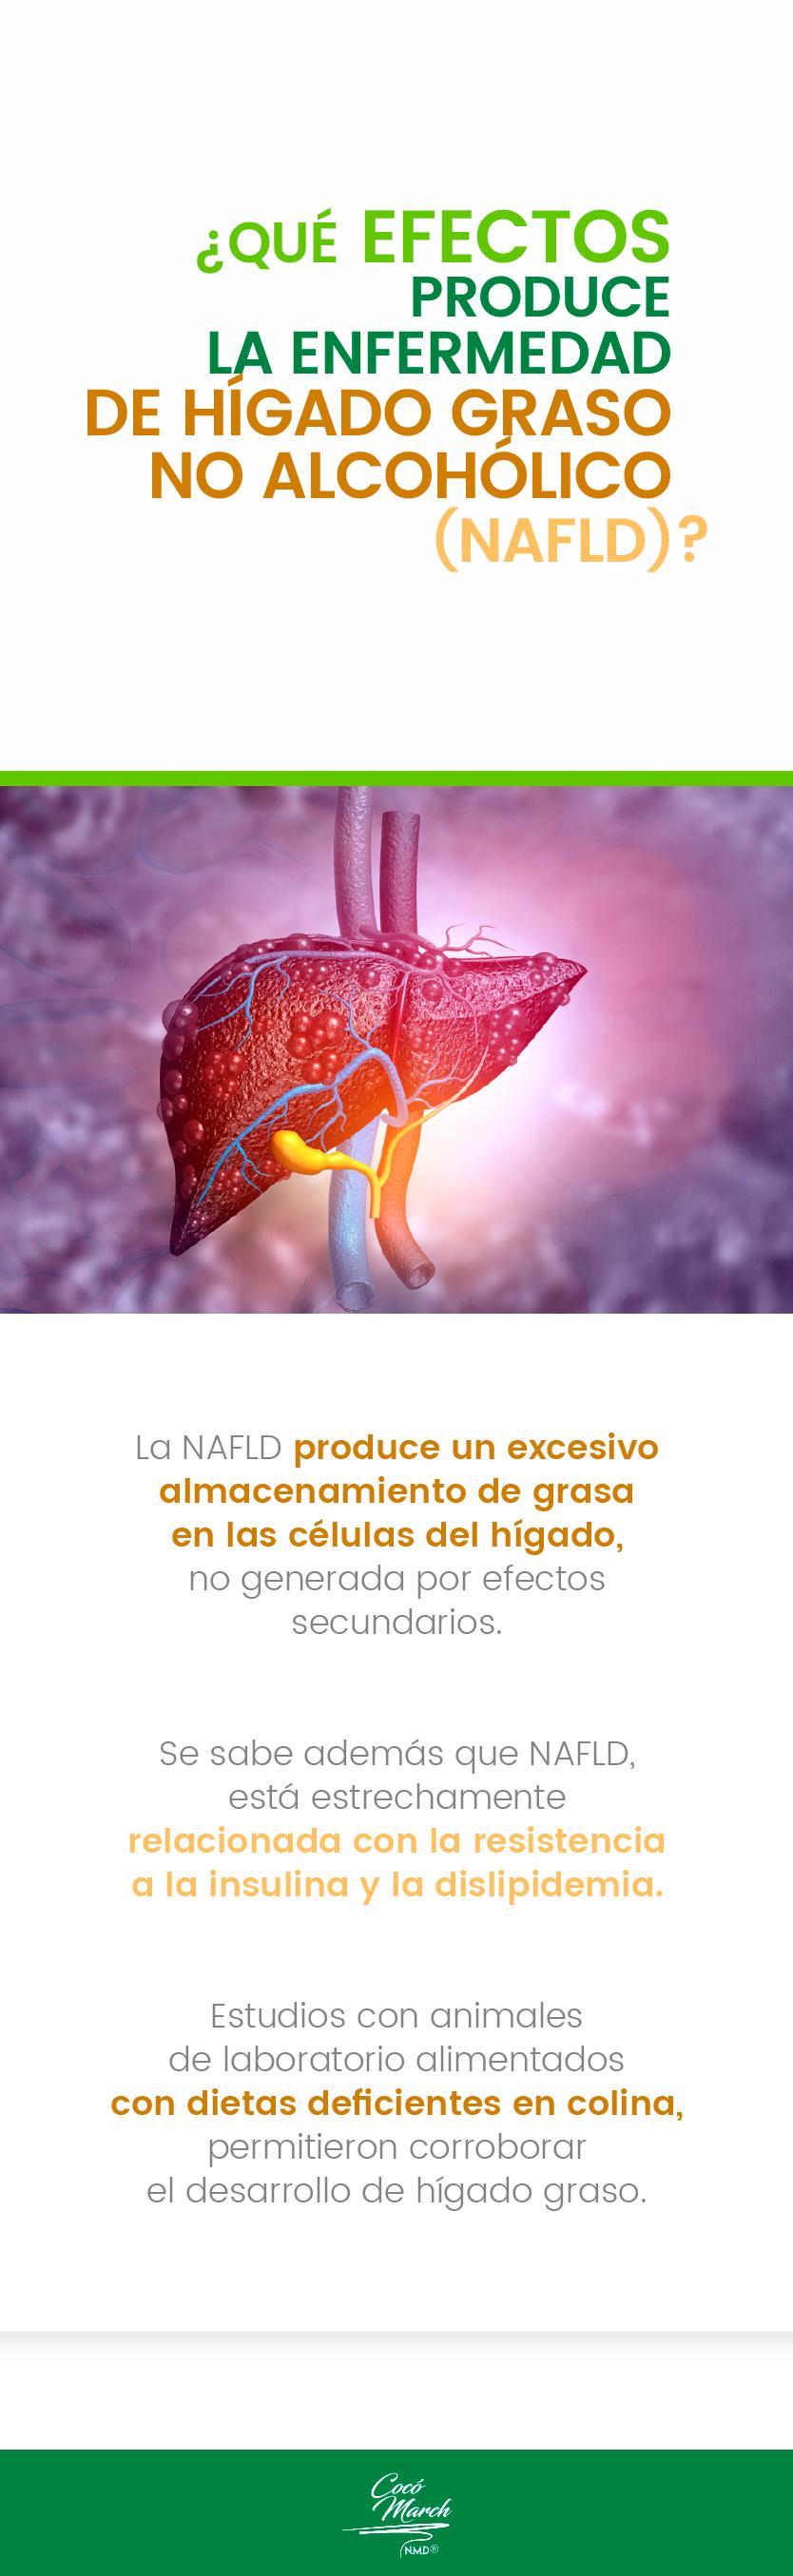 que-efectos-produce-la-enfermedad-de-higado-graso